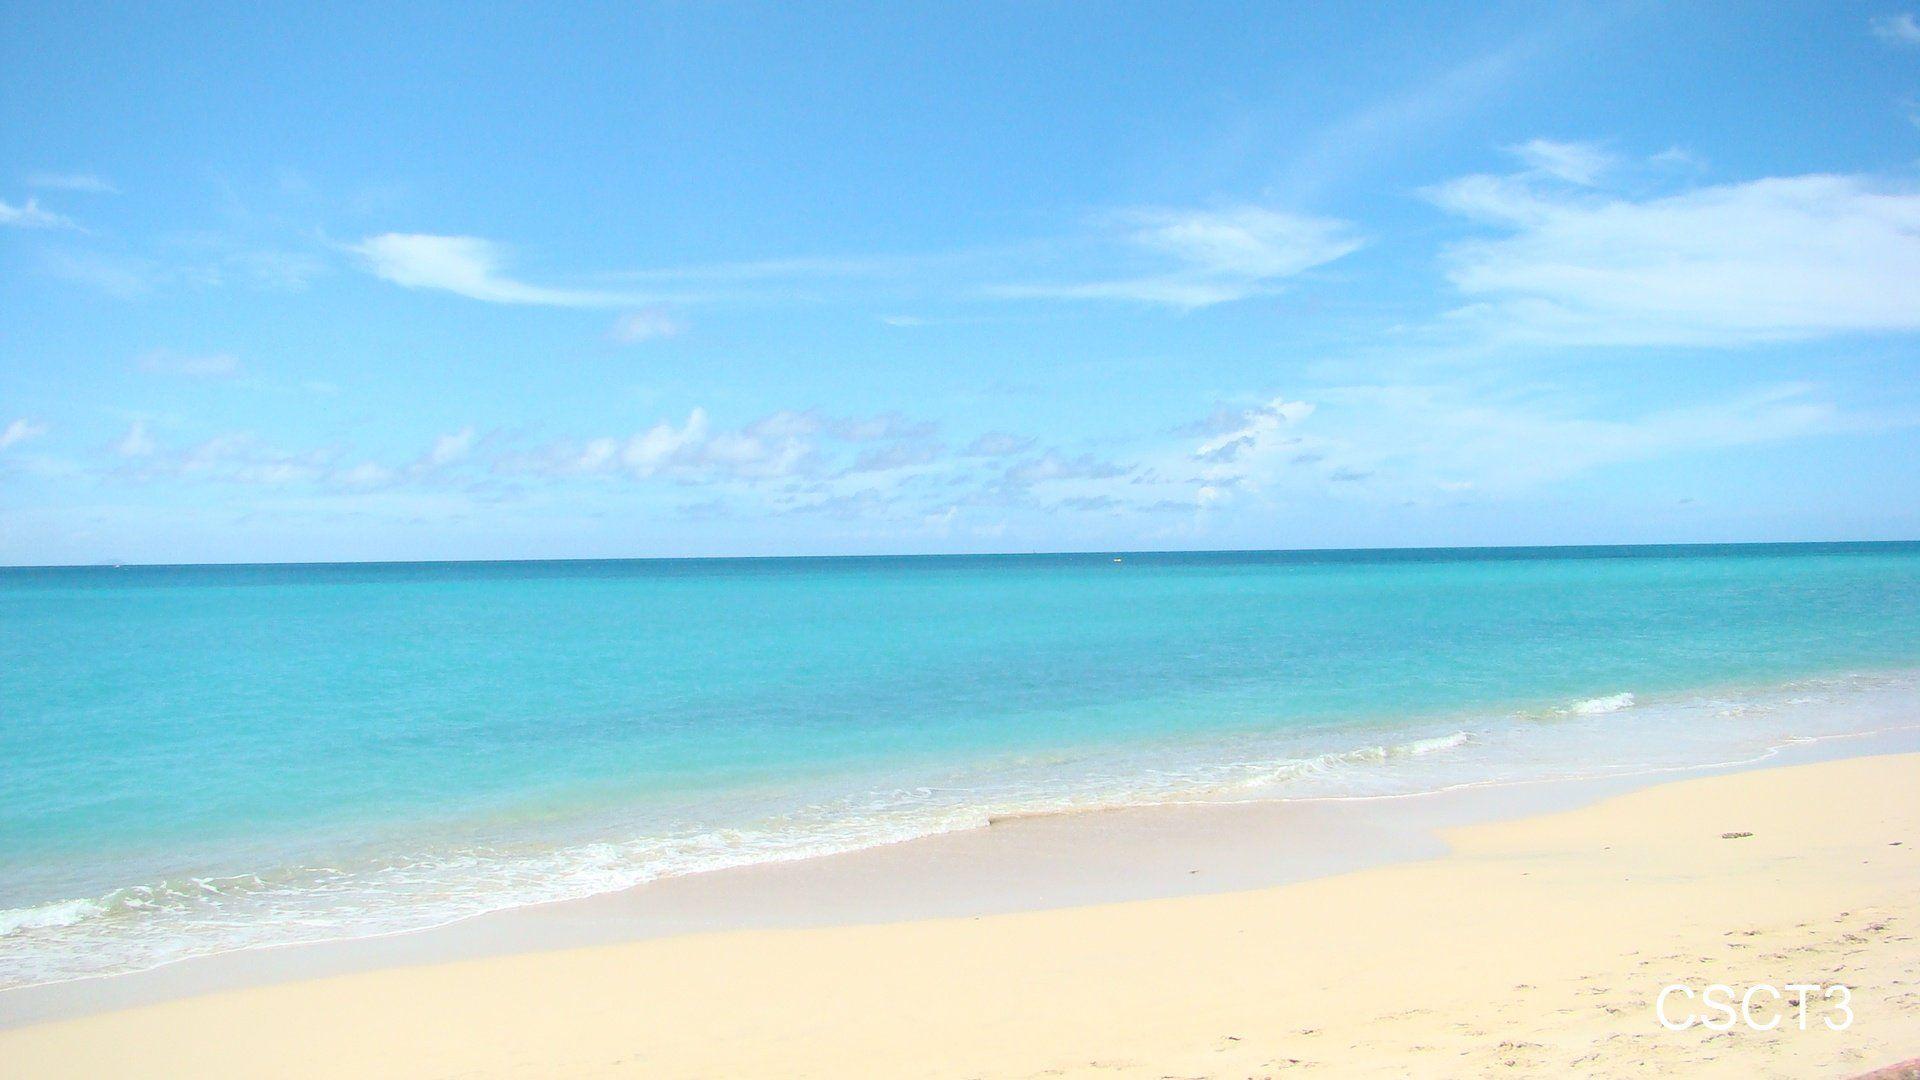 Beach Screen Backgrounds